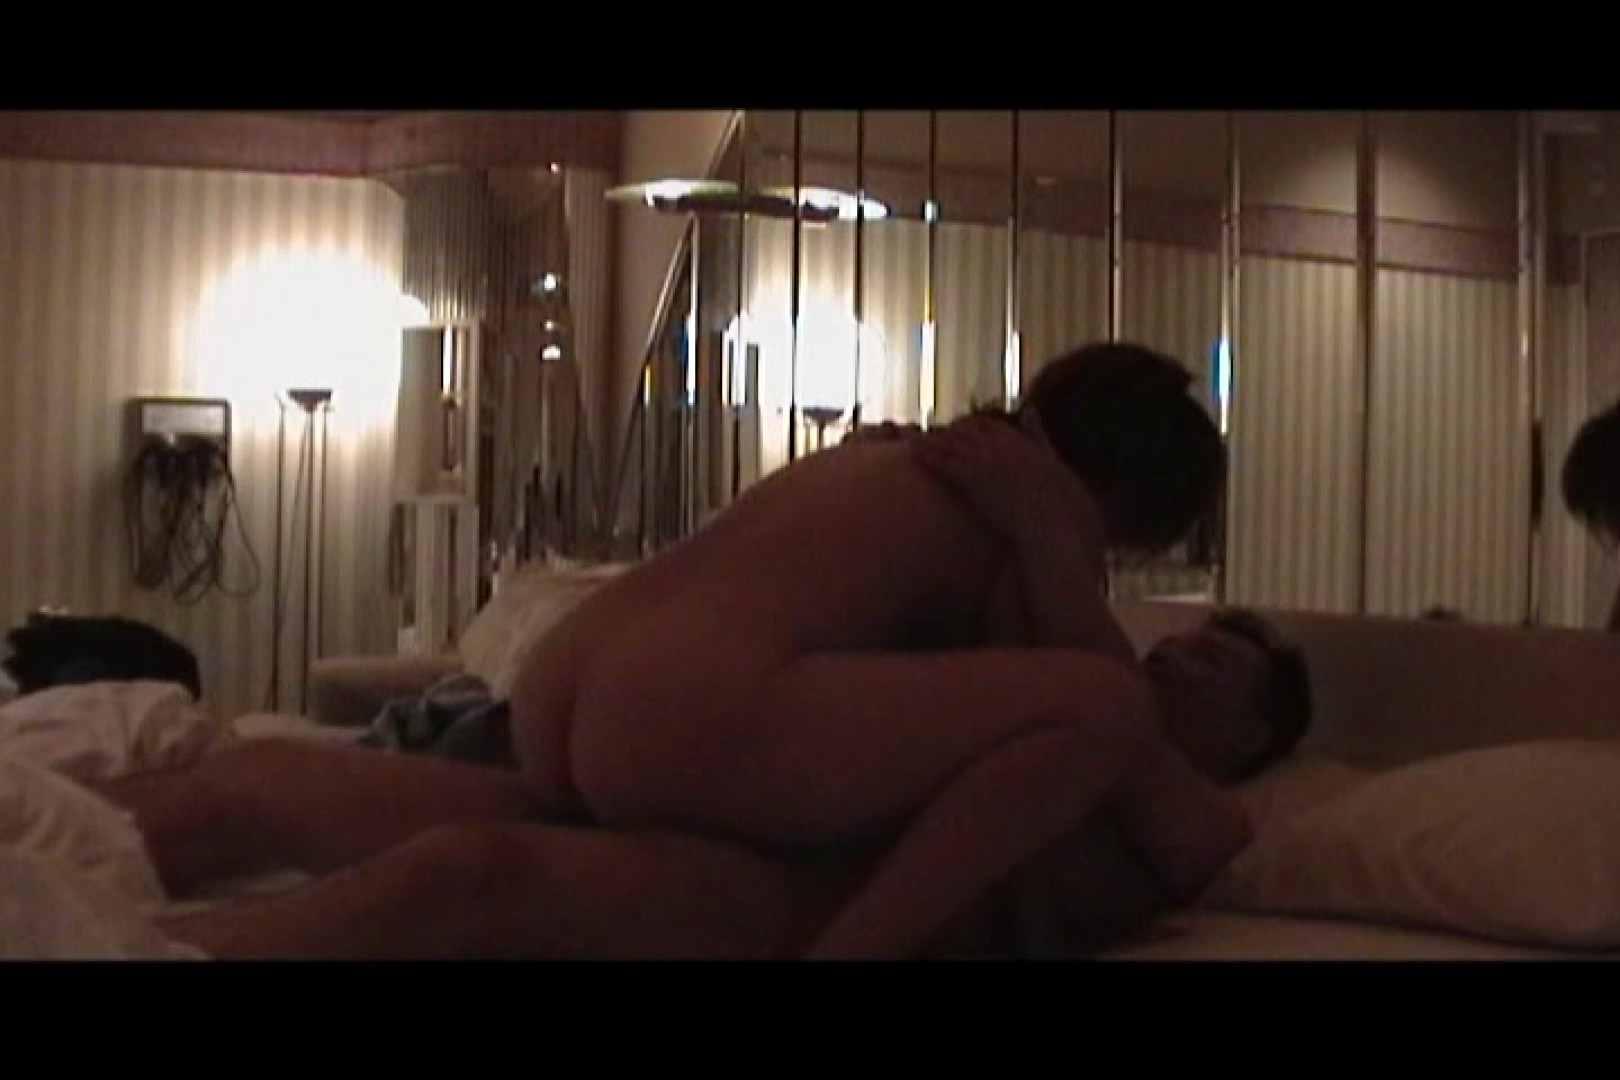 童顔な人妻とハメ撮り 人妻エロ映像  62pic 26